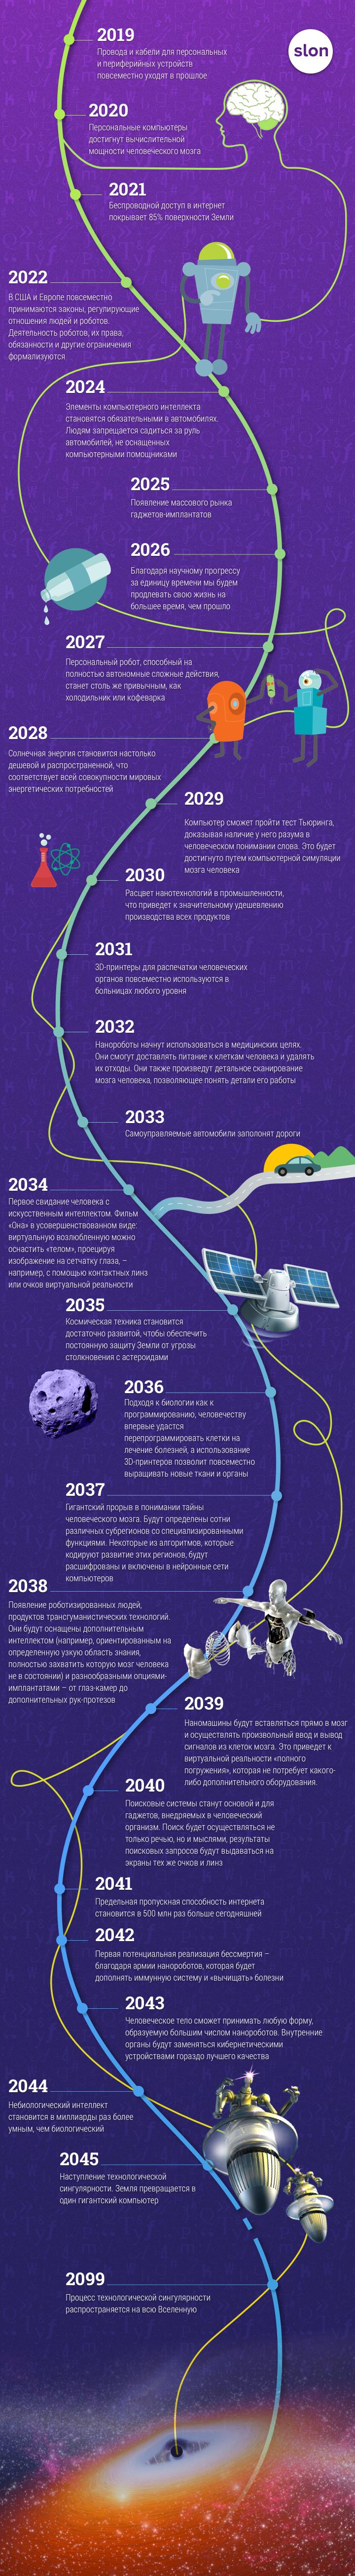 Технический директор Google расписал будущее мира